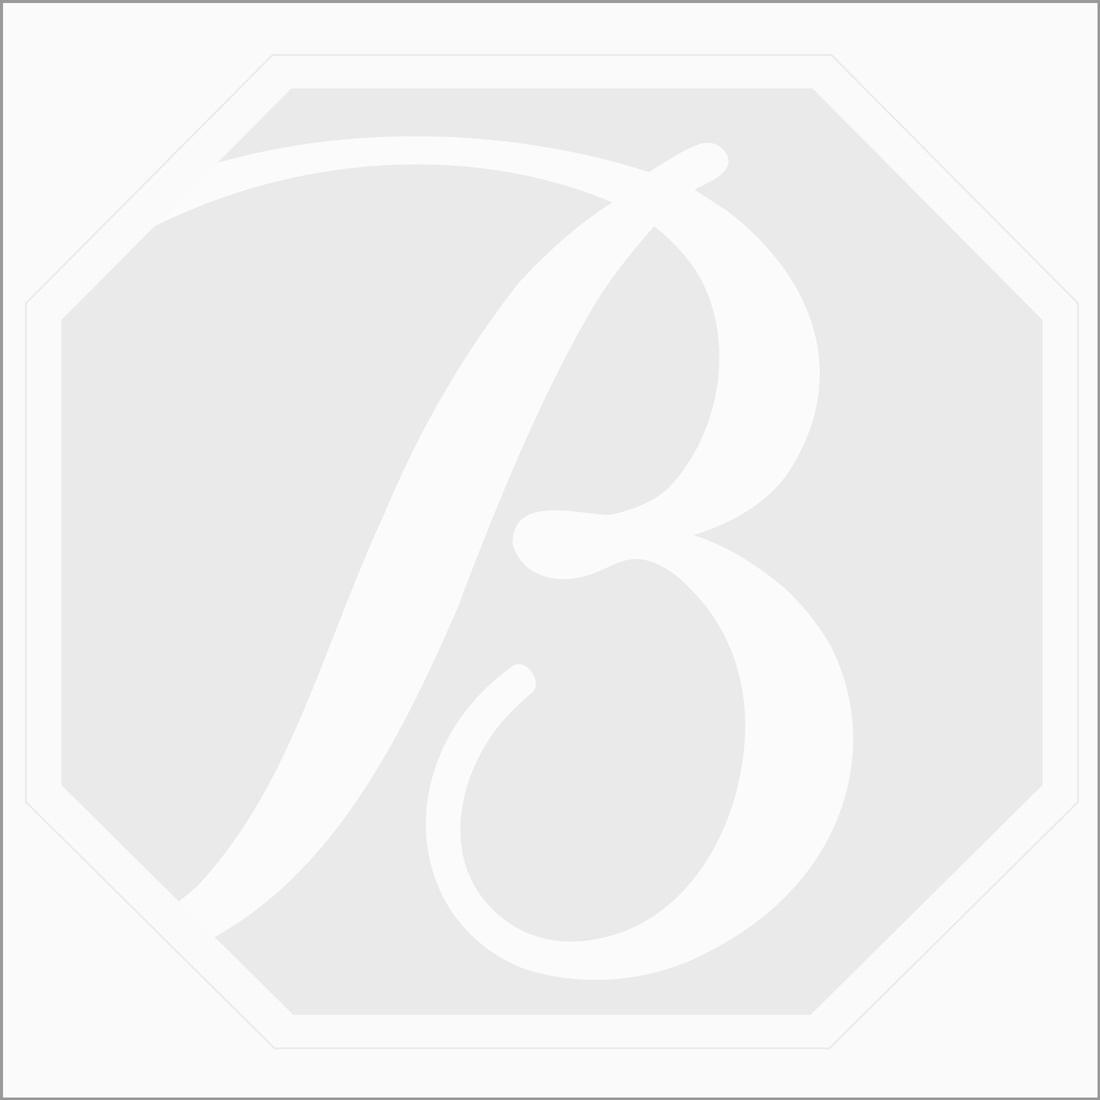 Black Cubic Zirconia Star Earrings in 925 Sterling Silver